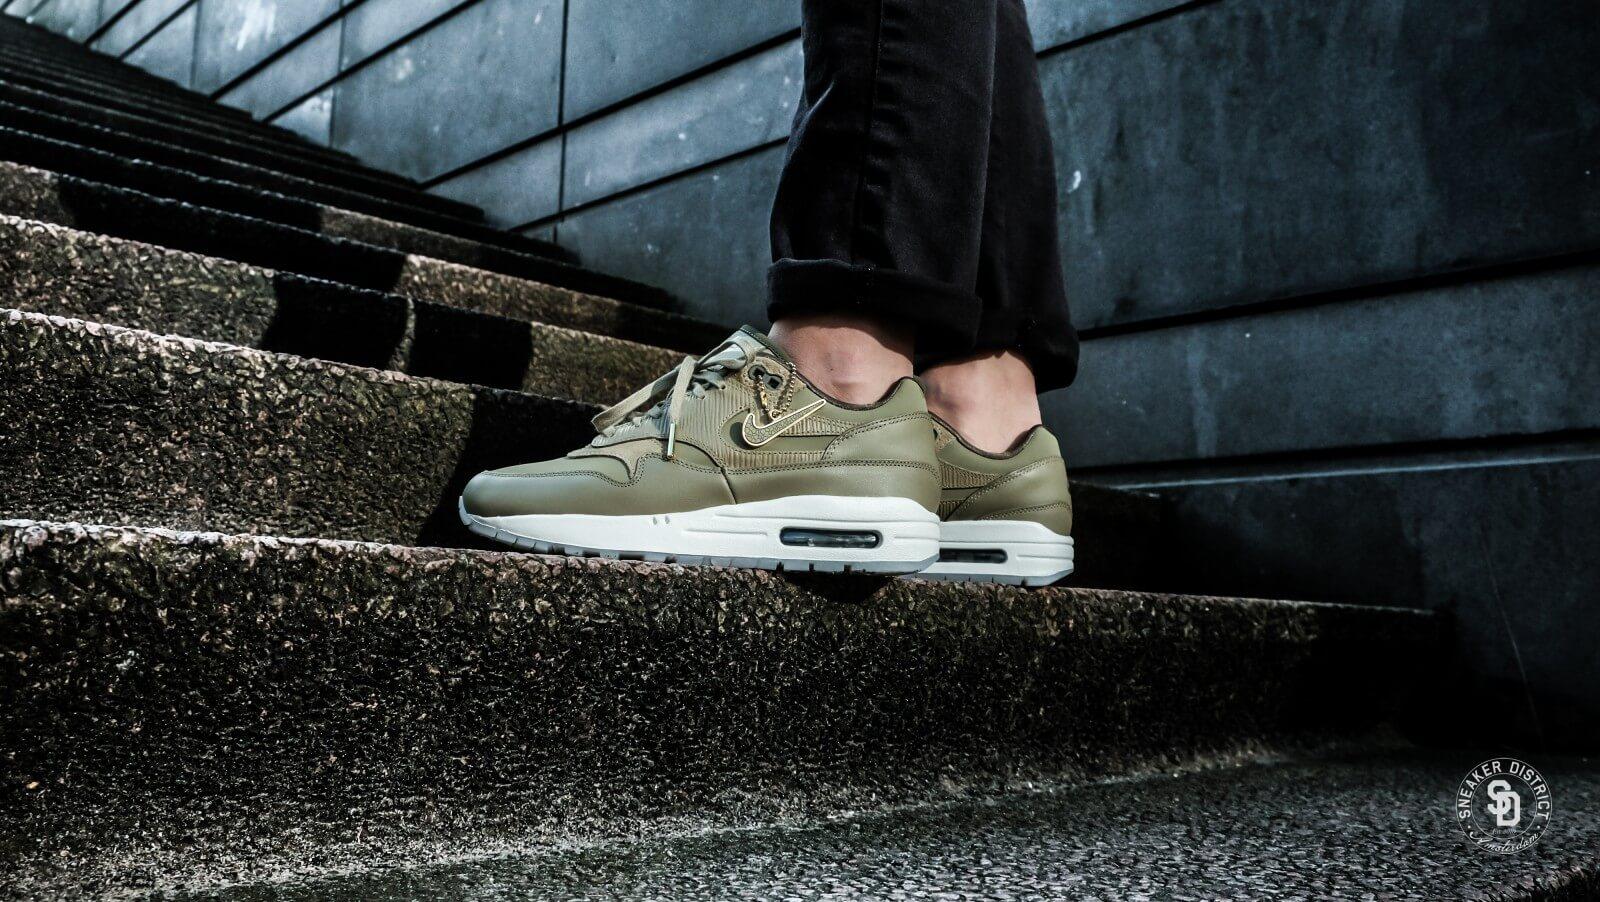 9a8b1d4a2e1bd7 ... Nike Womens Air Max 6a21819 1 Premium Neutral OliveMedium Olive  d131ab16 . ...